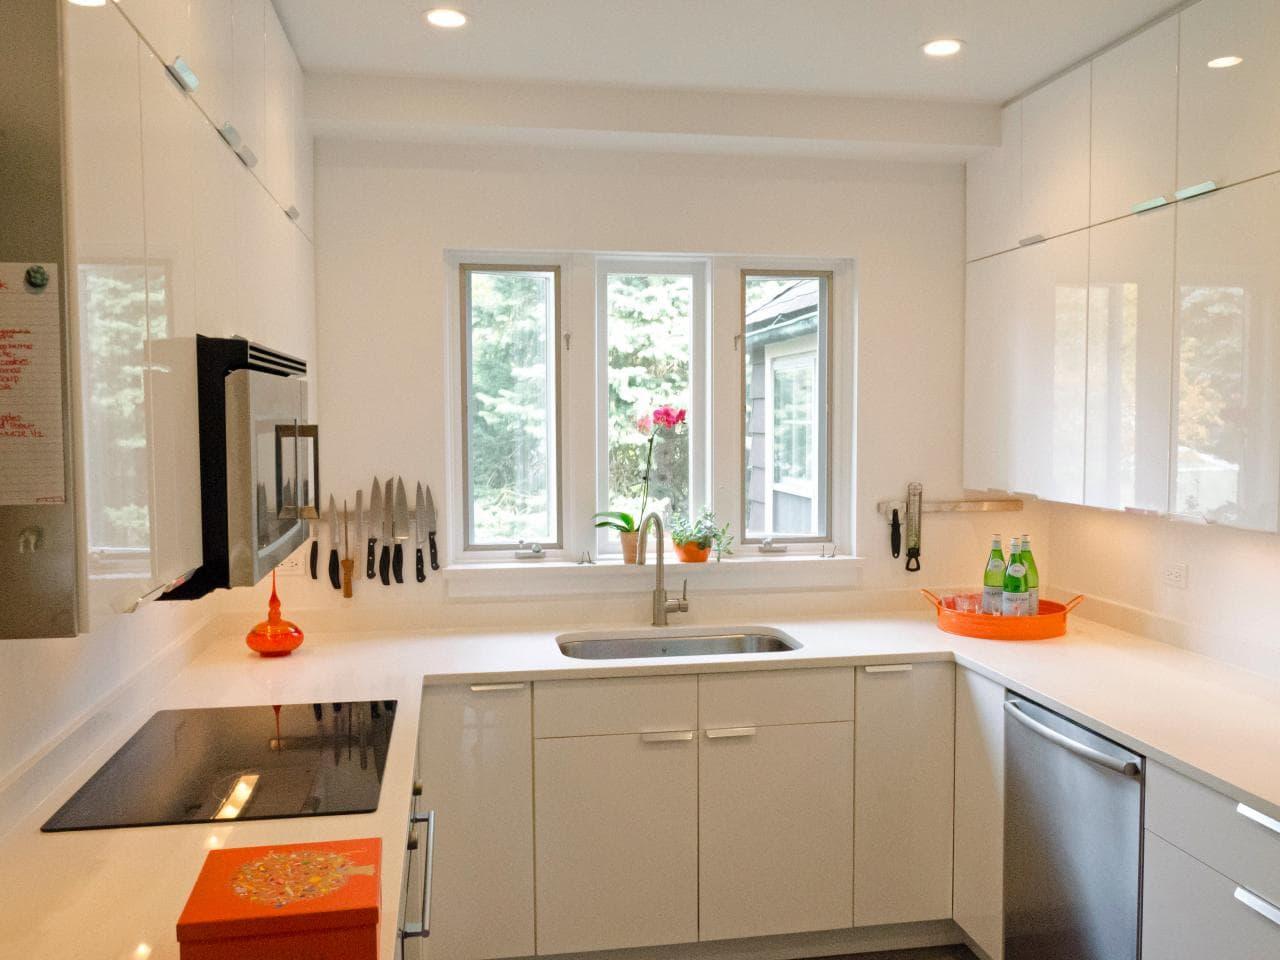 دکوراسیون آشپزخانه کوچک - نورپردازی آشپزخانه کوچک